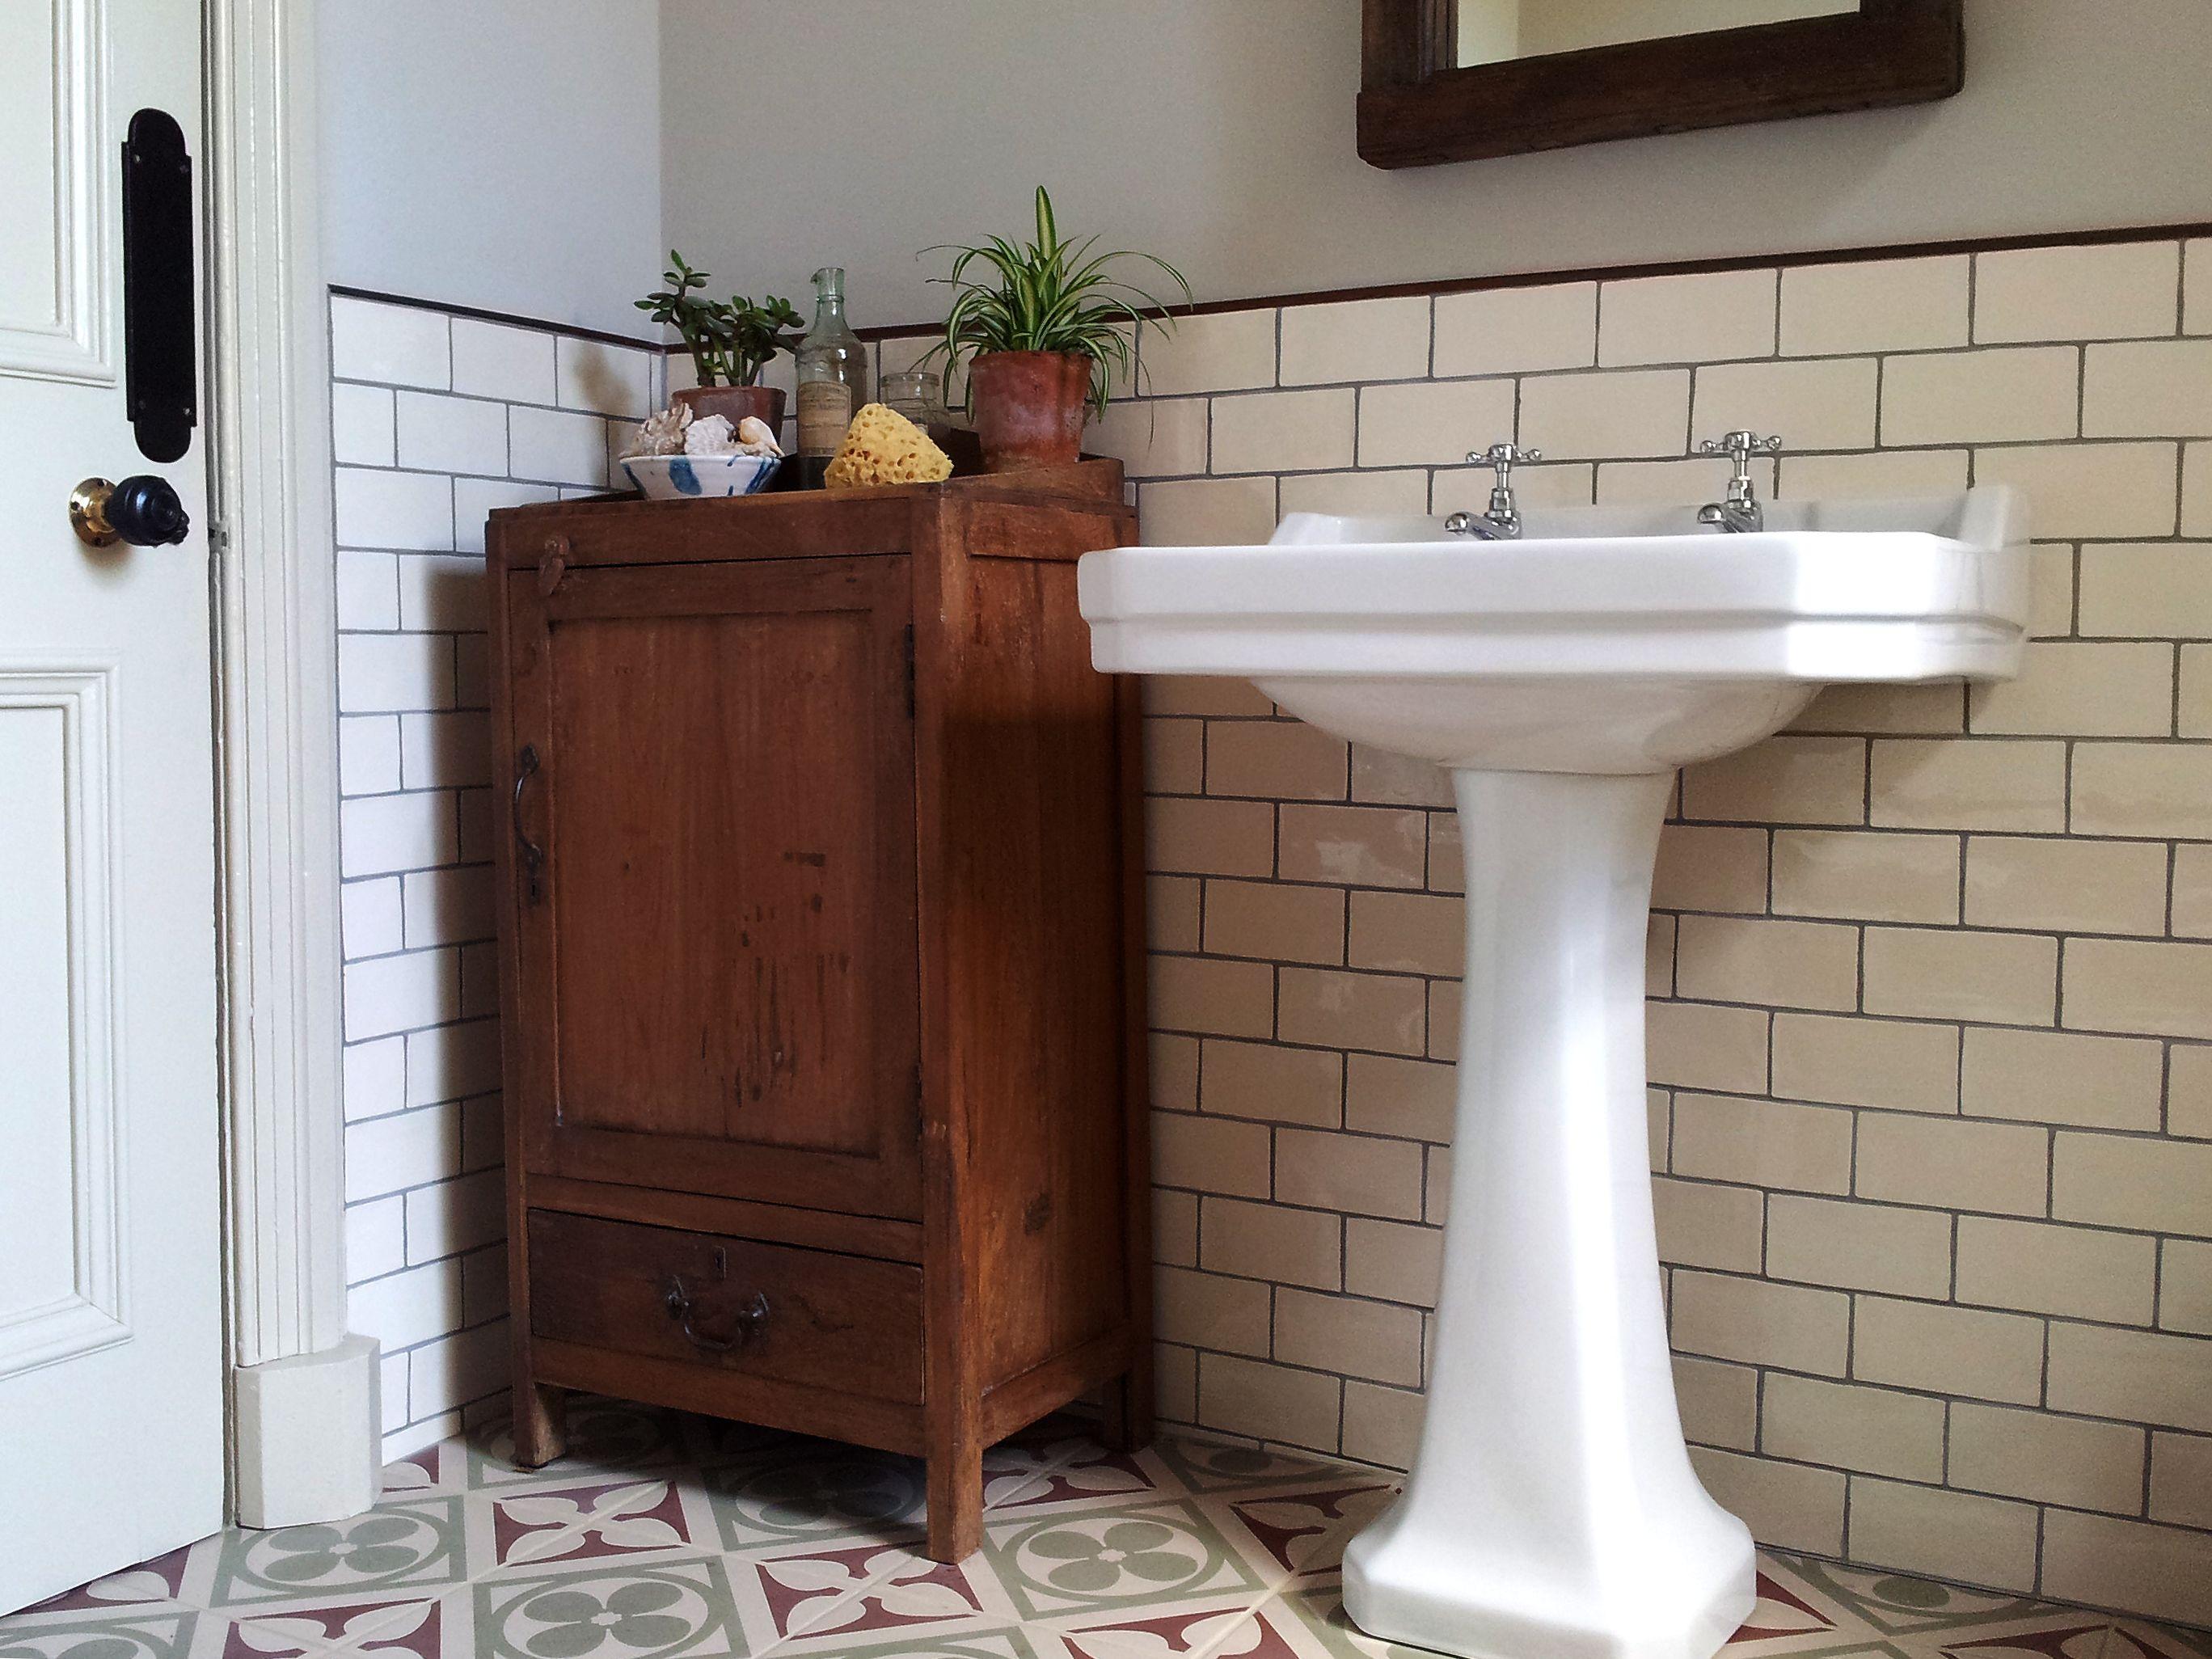 Burlington Bad Setzt Traditionelle Badezimmer Waschbecken Badewannen Kanada Traditionelle Badezimmer Suiten Vintage Bathrooms Edwardian Bathroom Sleek Bathroom